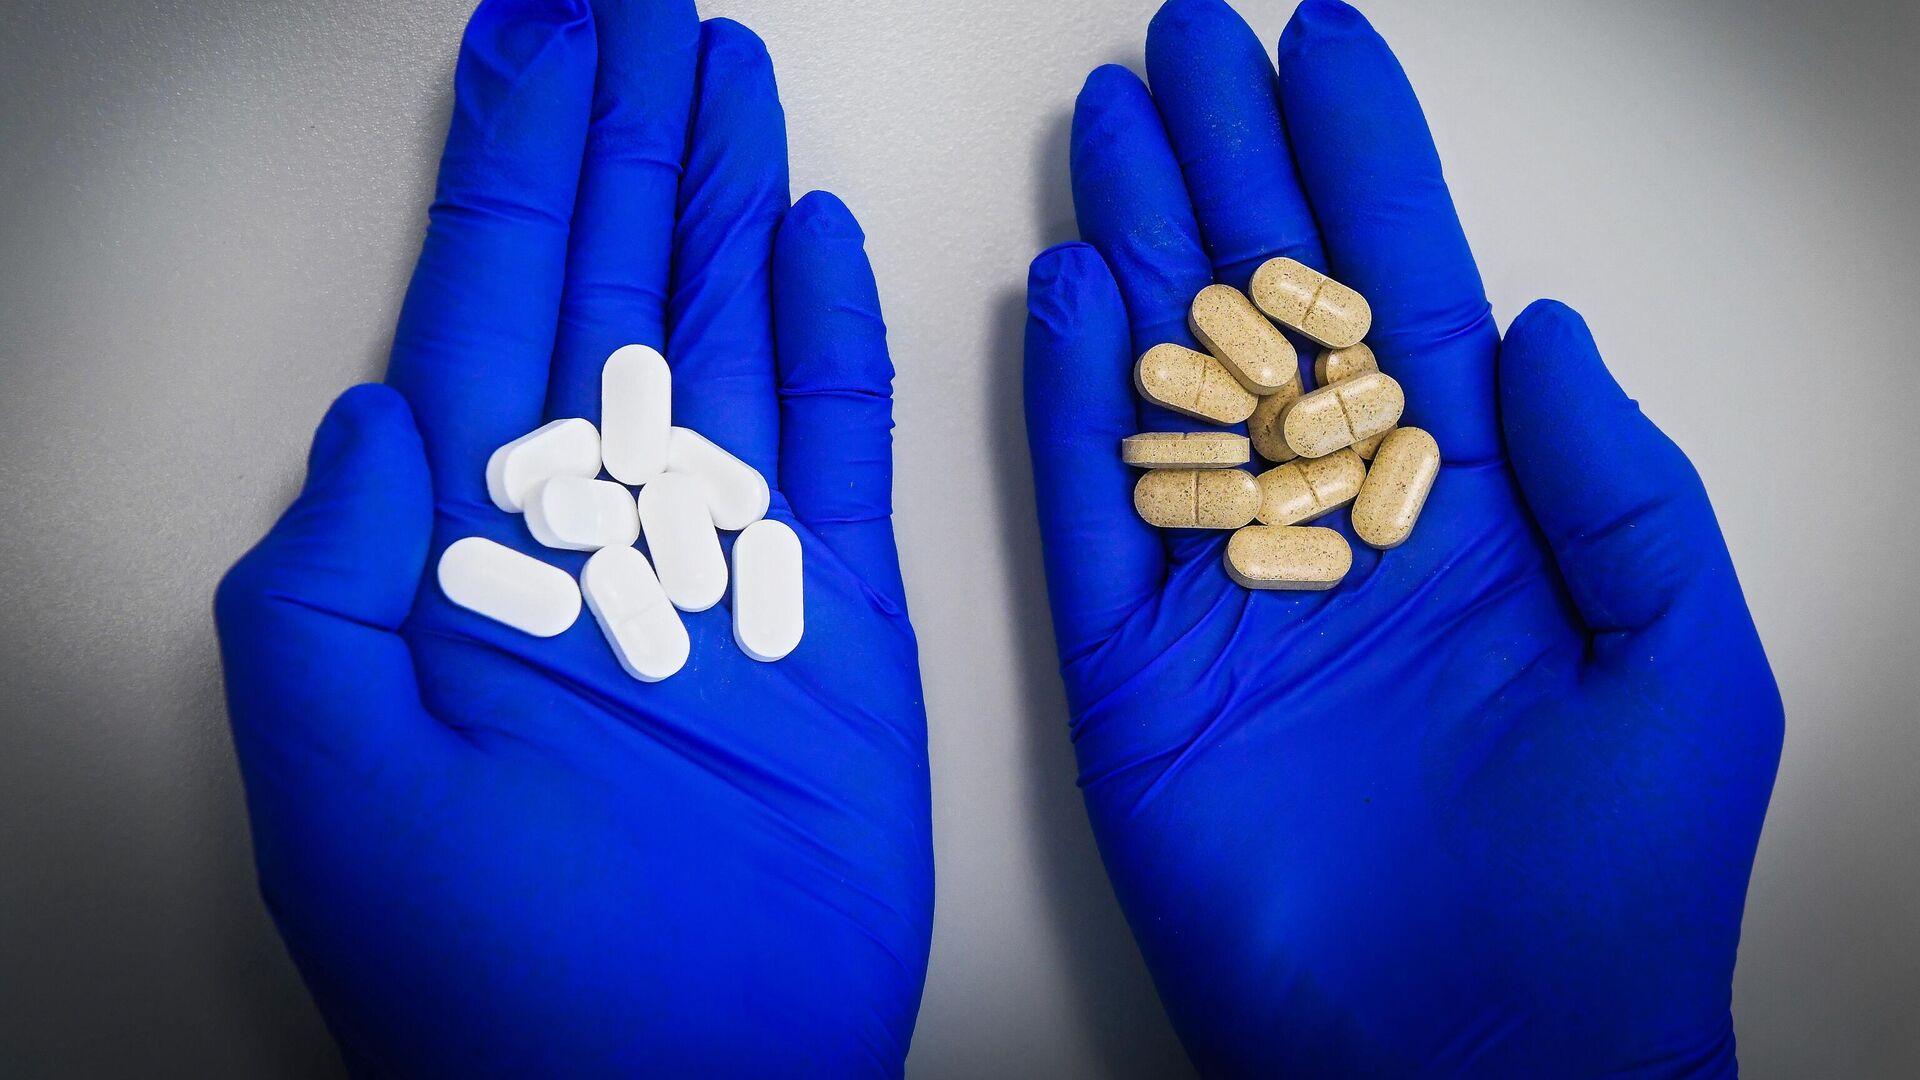 Сотрудник держит в ладонях лекарственные препараты - РИА Новости, 1920, 13.01.2021